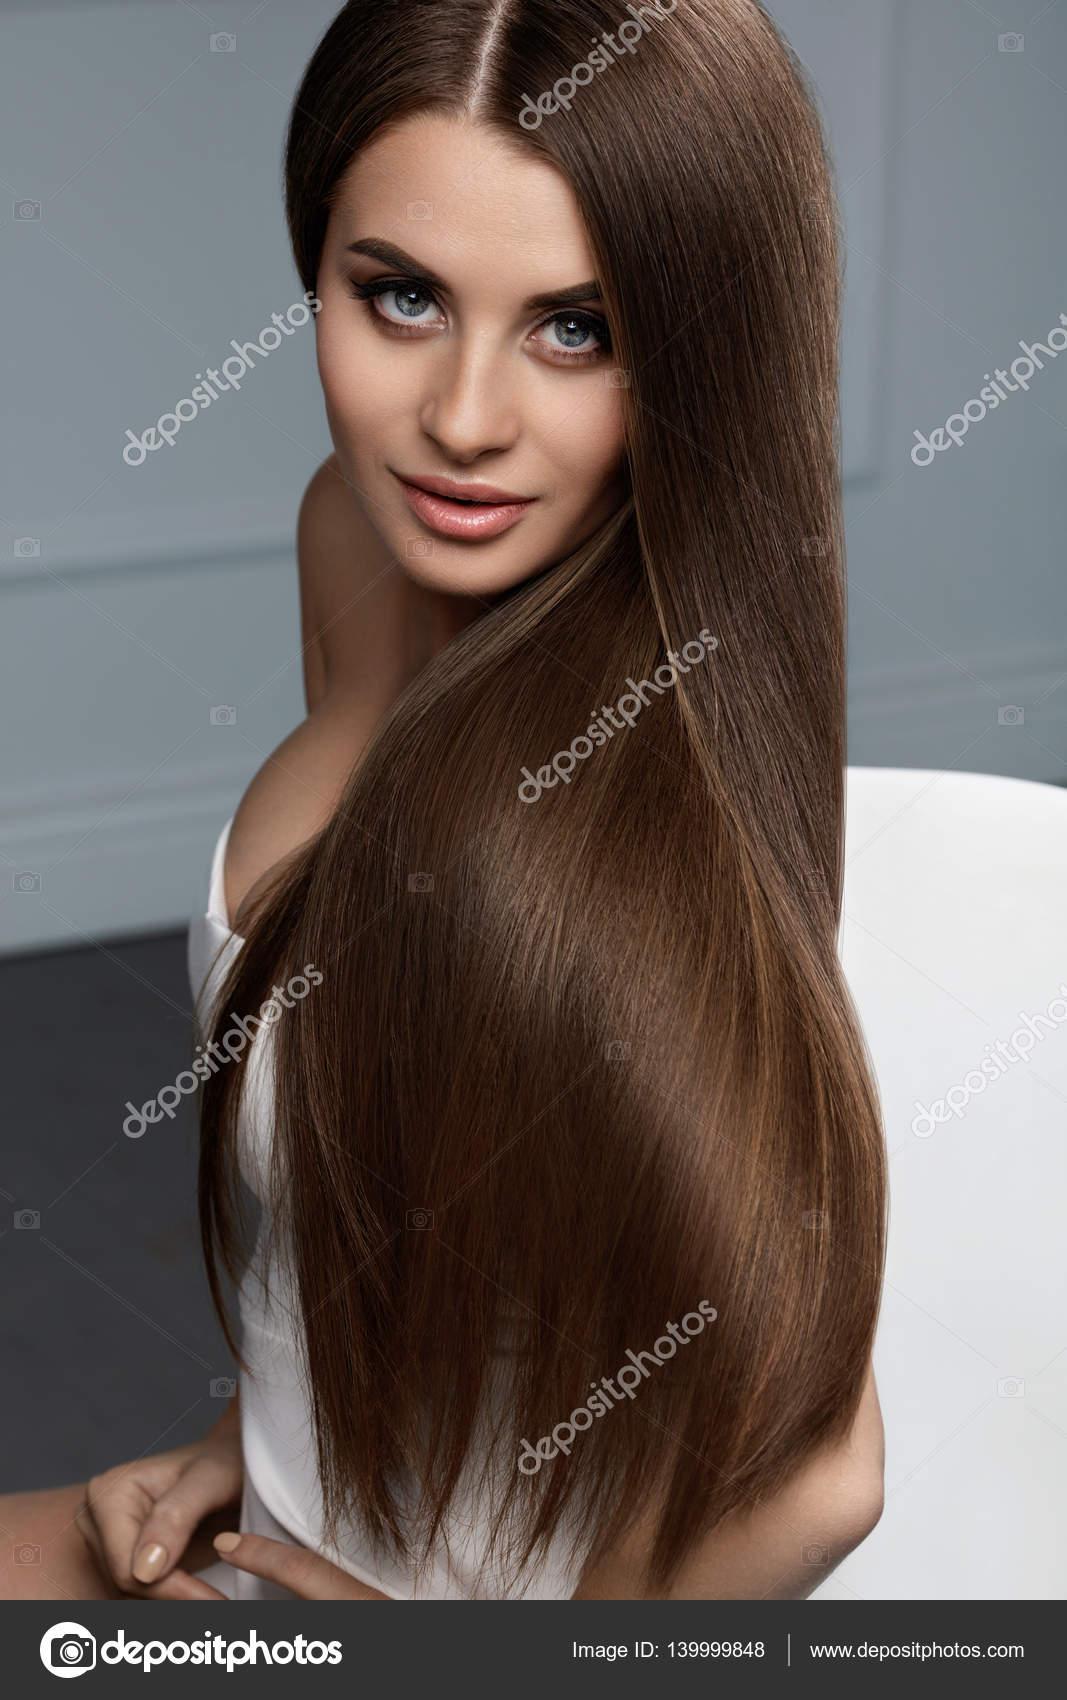 hår och kvalite söderhamn